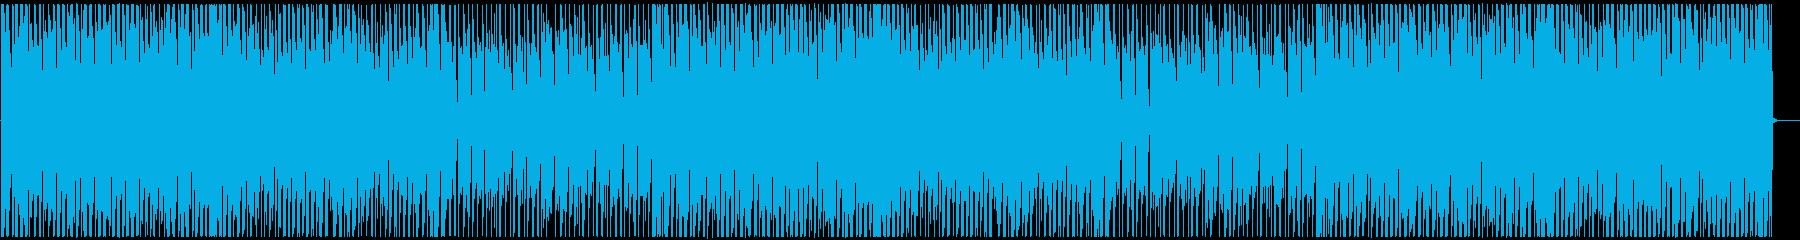 明るいアフロビート ダンスホールレゲエの再生済みの波形